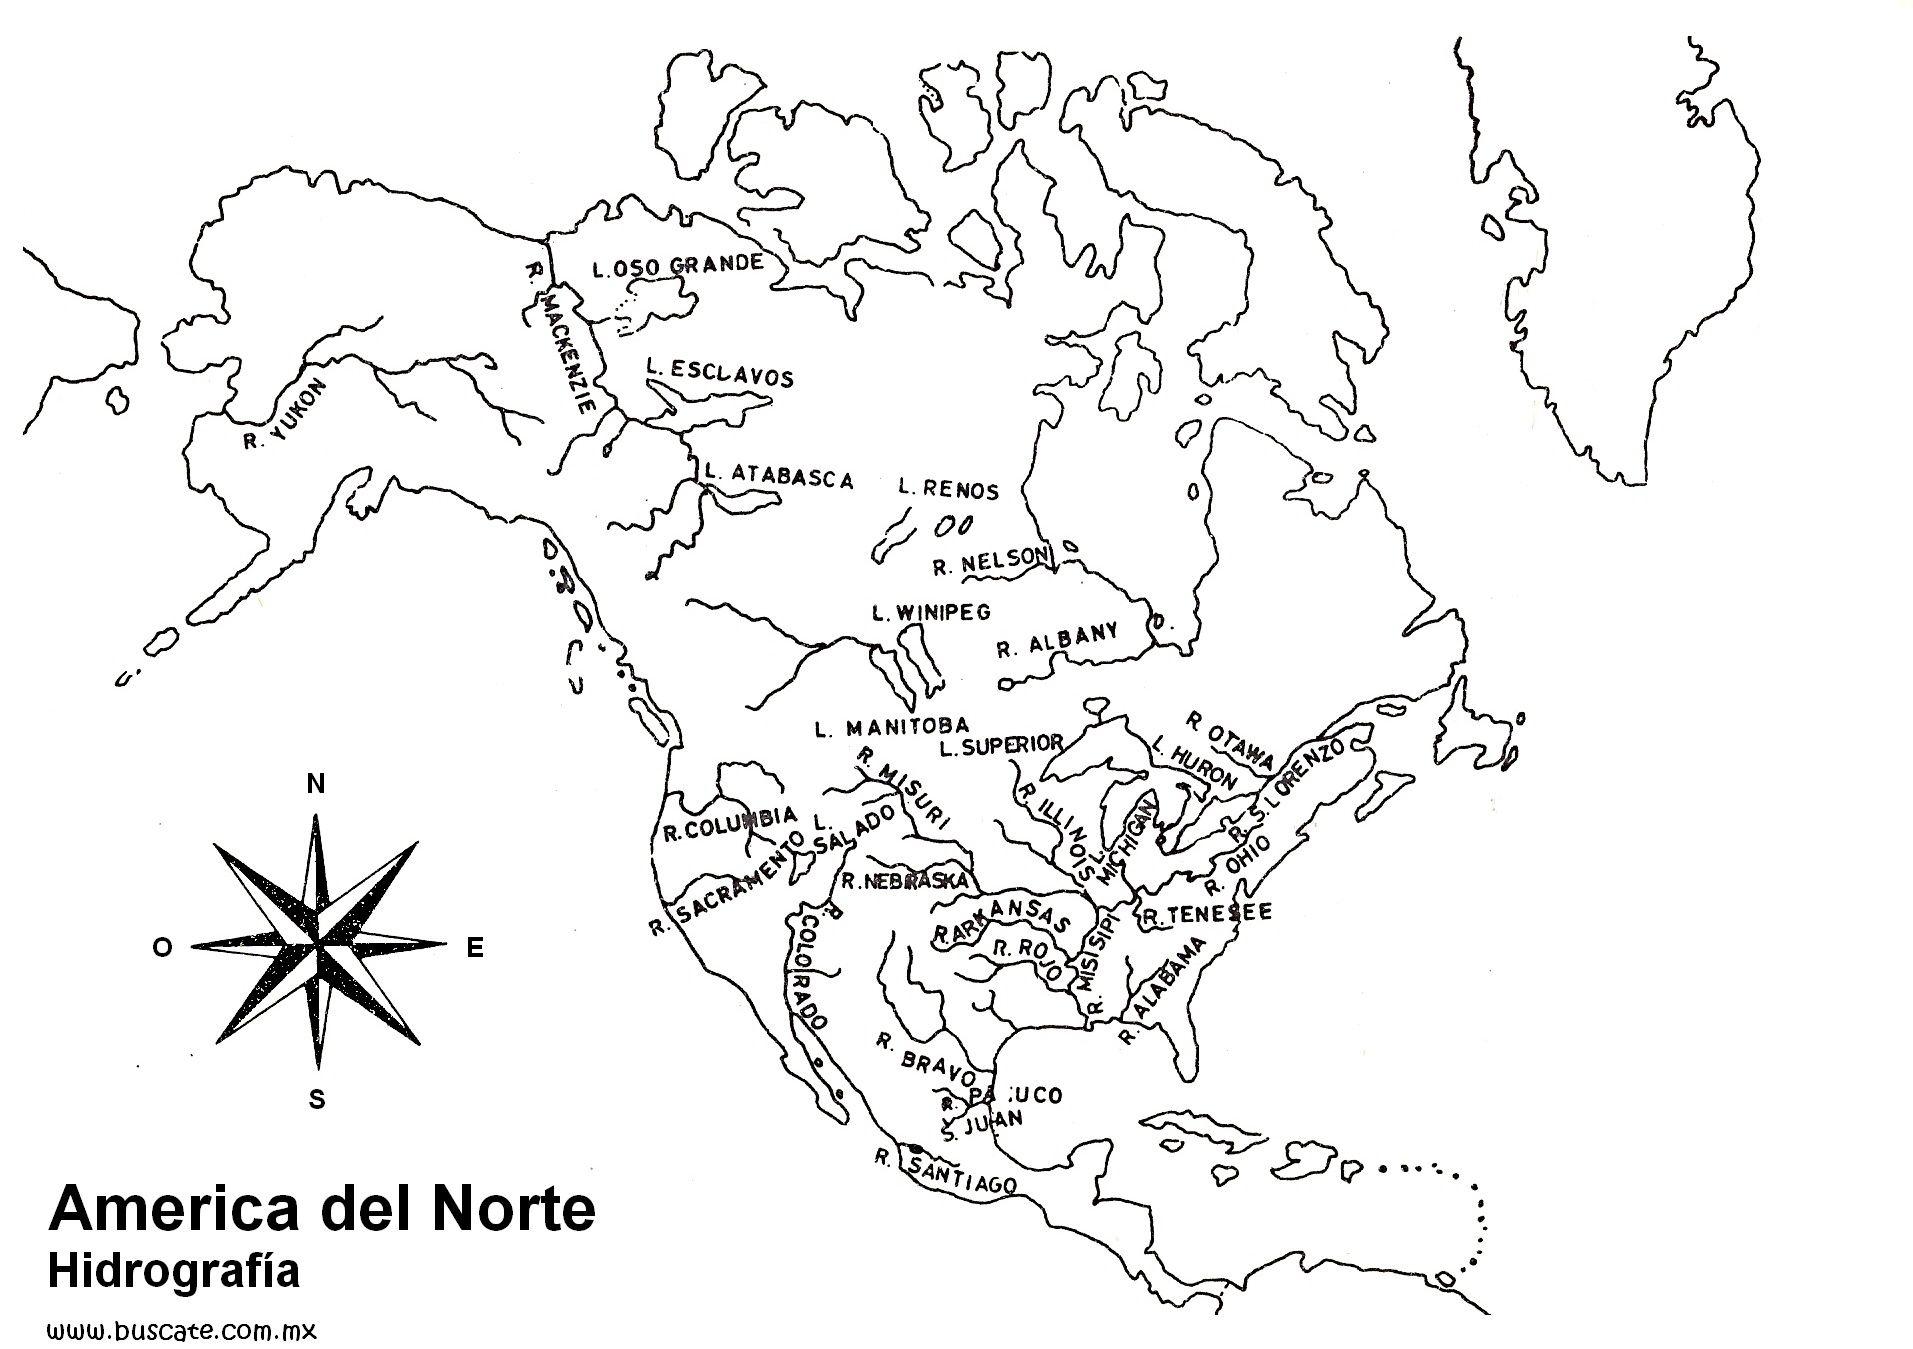 Thorough America Del Norte Para Pintar Nombres Del Mapa De America Mapa De America Completo Para Mapa De America Mapa De America Latina Hidrografia De America